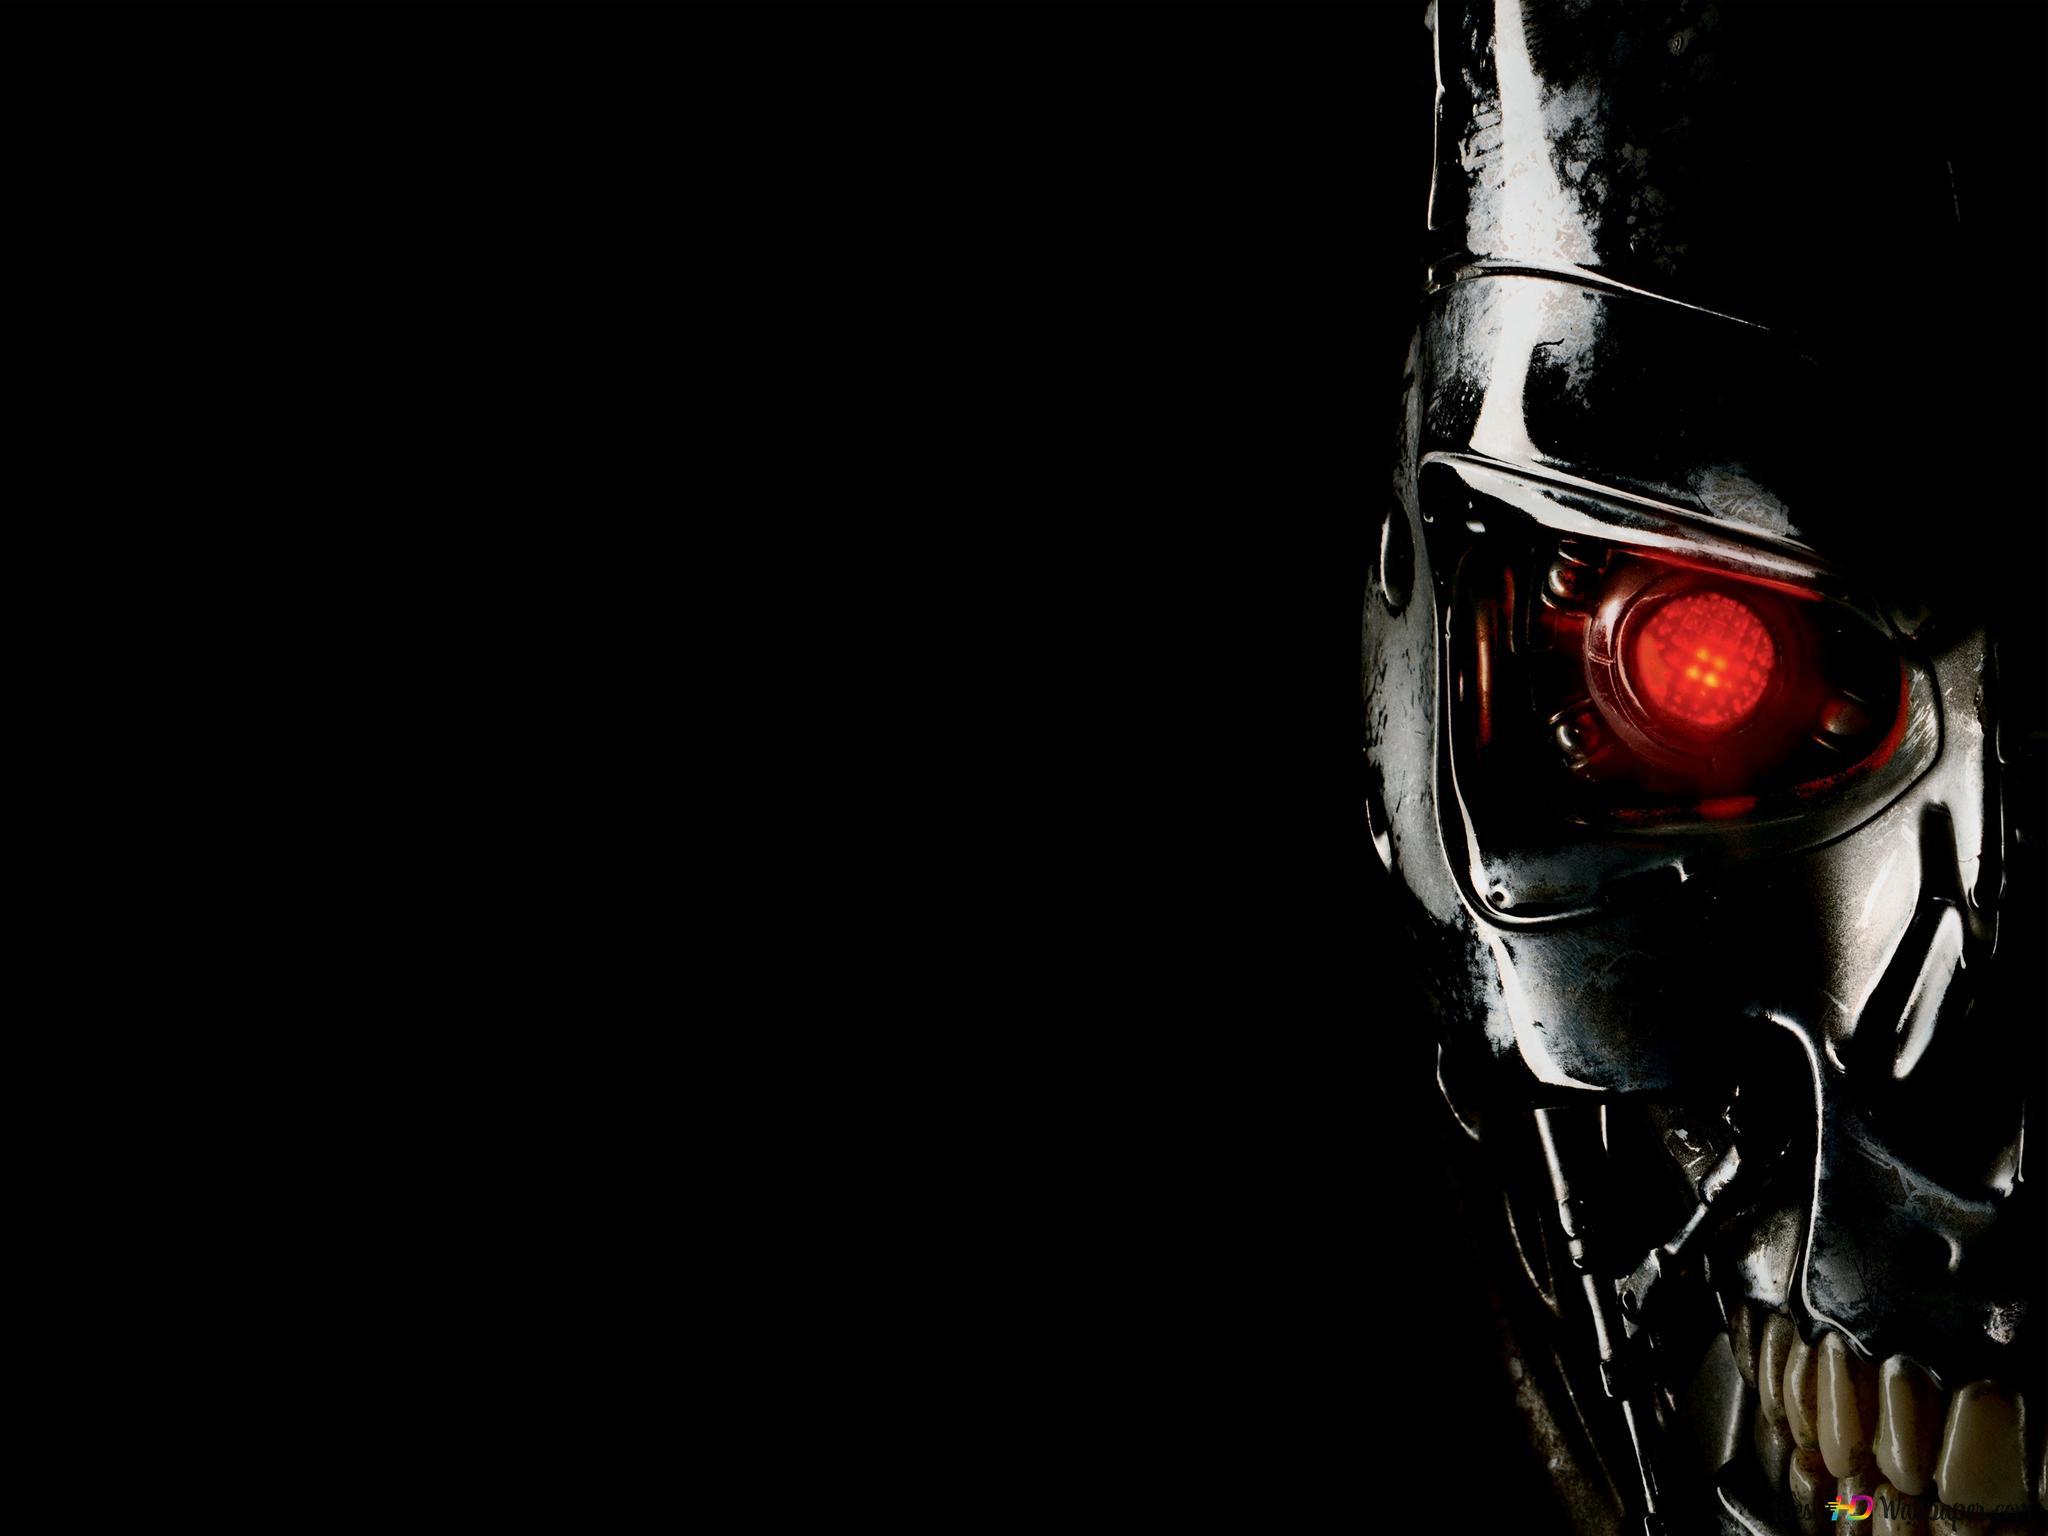 Descargar Fondo De Pantalla Terminator Génesis Robot De